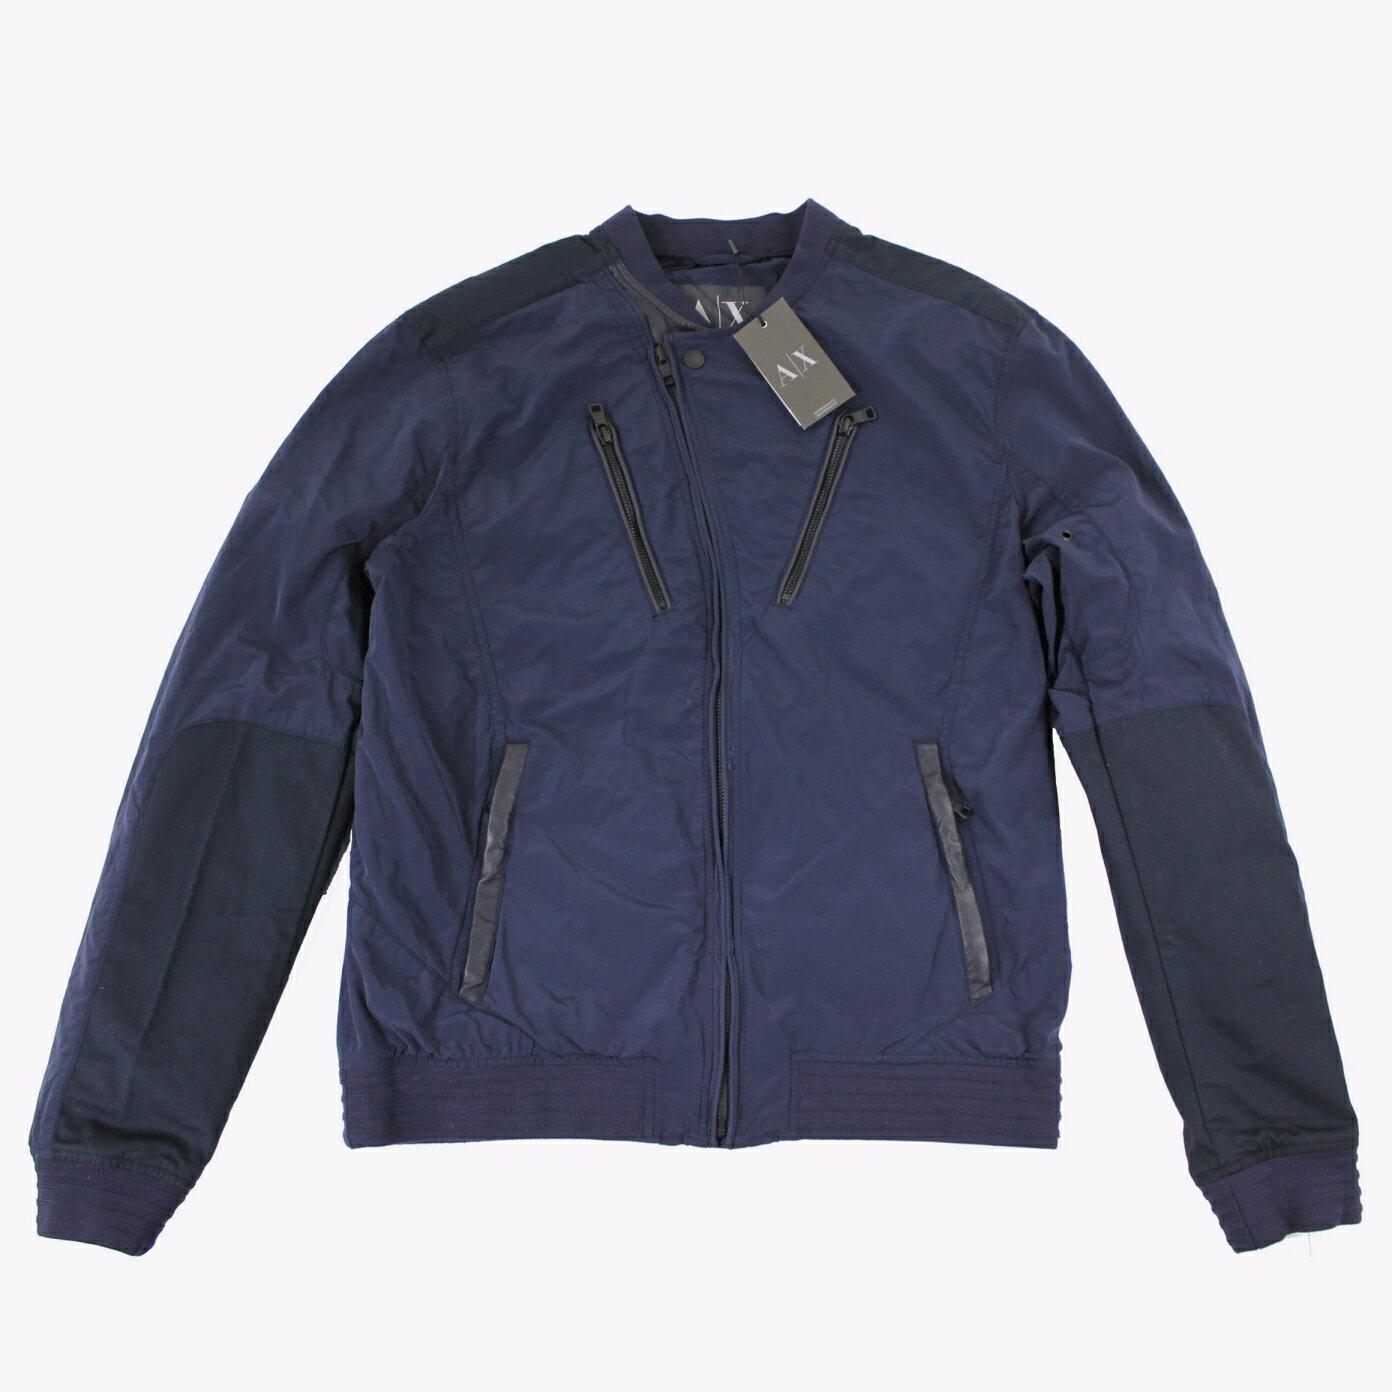 美國百分百【全新真品】Armani Exchange 外套 AX 夾克 亞曼尼 騎士 風衣 深藍色 男 M號 E106